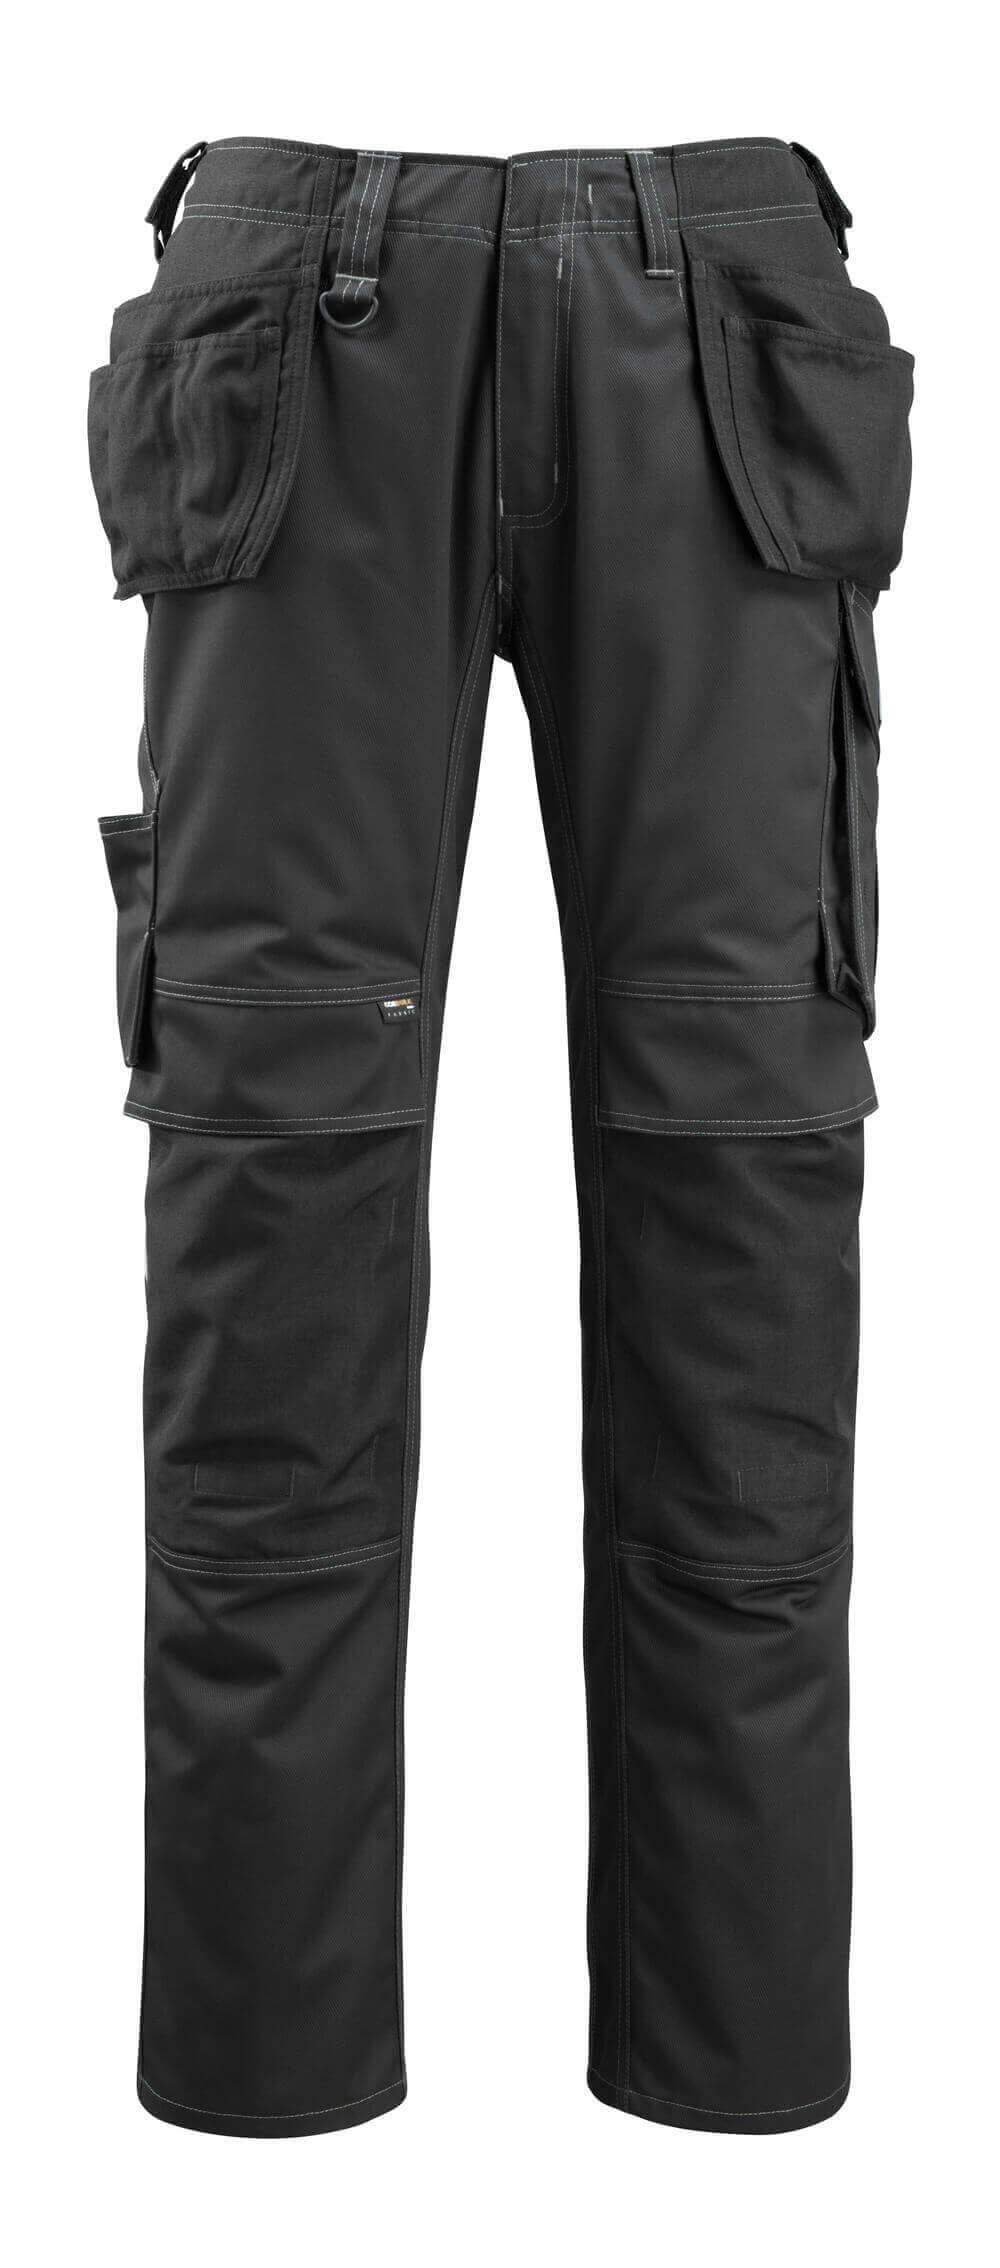 14131-203-09 Byxor med knä- och hängfickor - svart